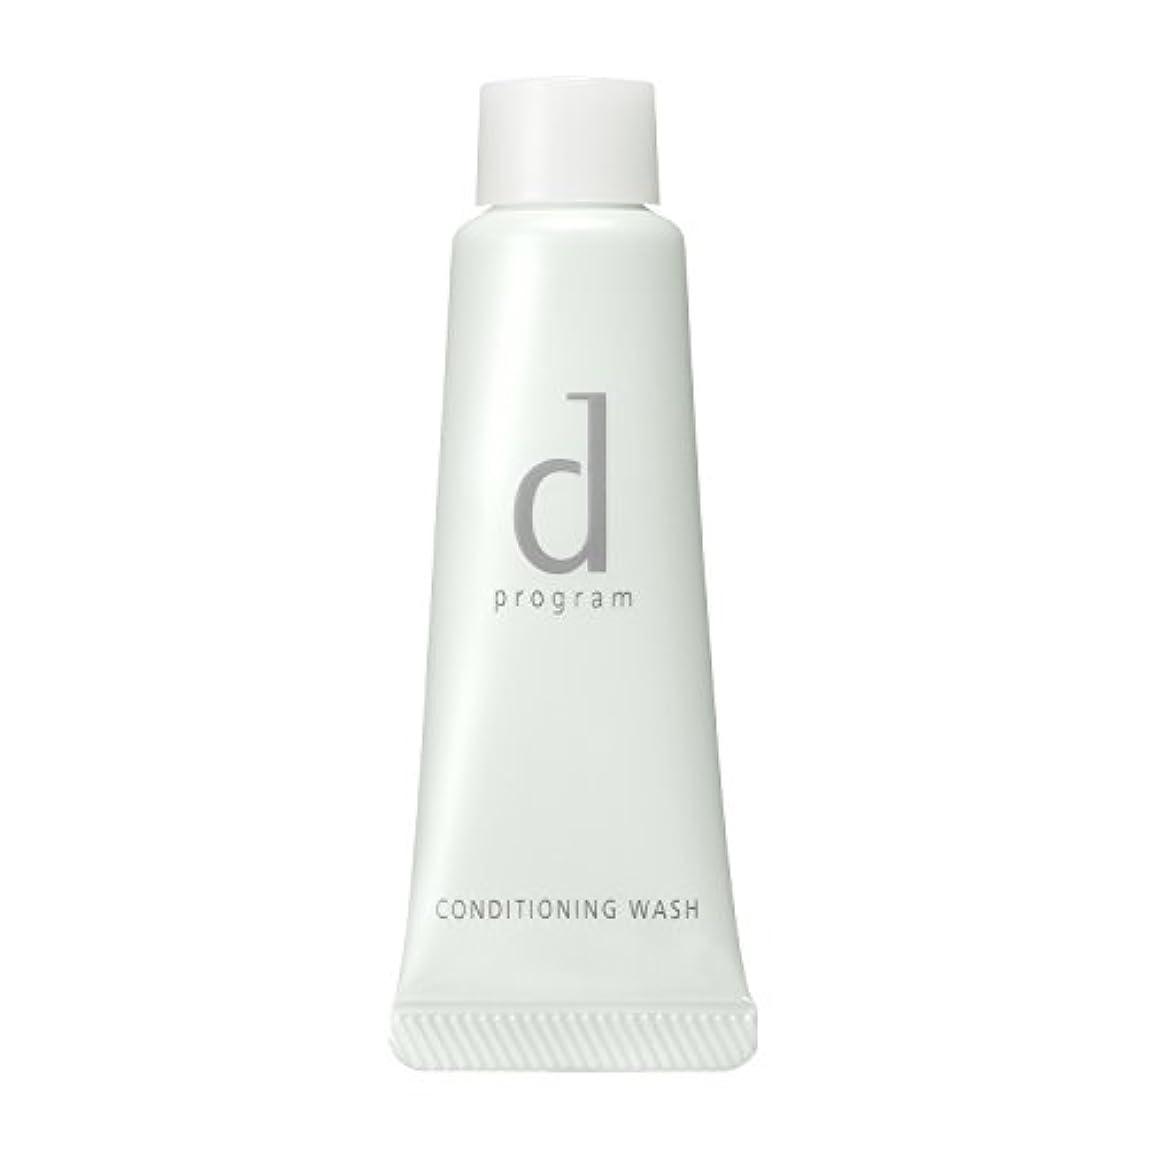 仮称生穀物d プログラム コンディショニングウォッシュ 洗顔フォーム (トライアルサイズ) 20g